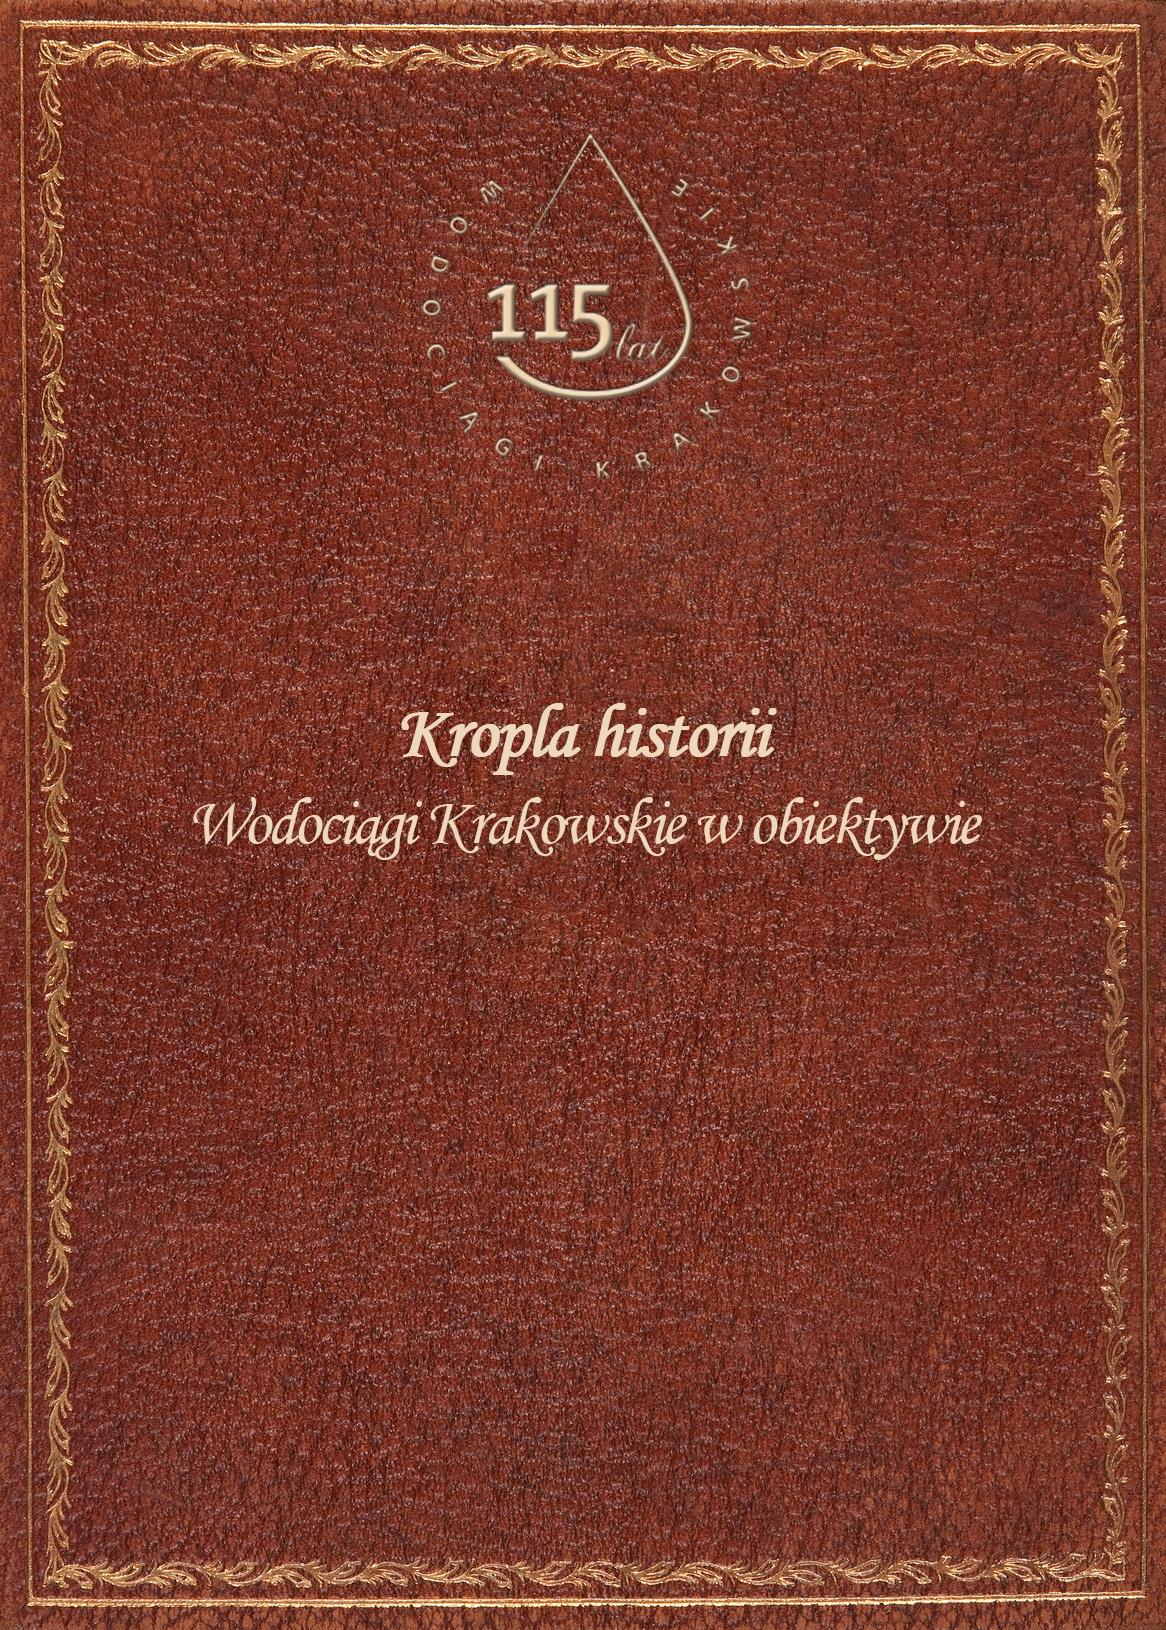 Tytuł: Książka - Wodociągi Krakowskie w obiektywie - poszczególne strony dostępne tylko po kliknieciu na link